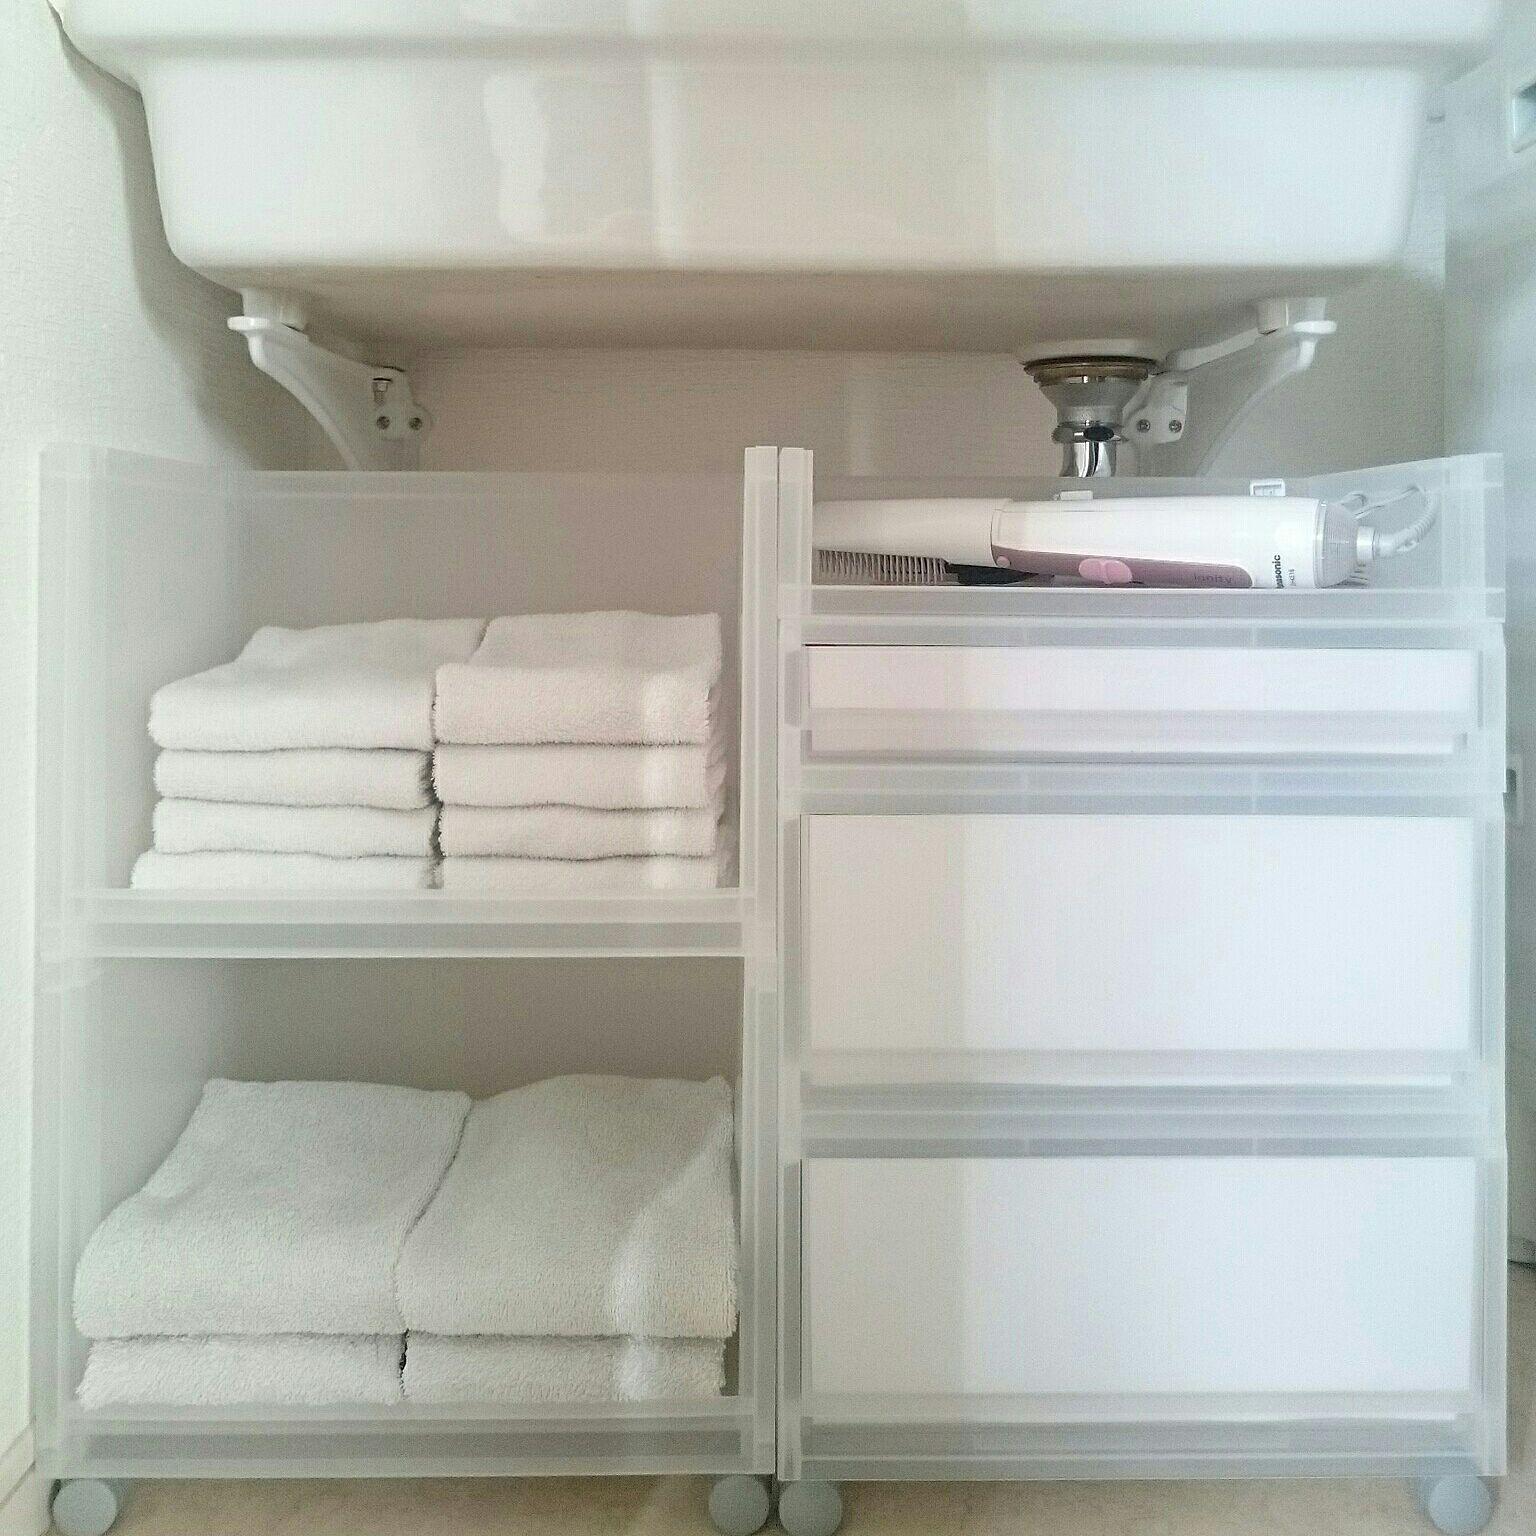 タオル収納 洗面所 収納 無印良品 隠す収納 ブログやってます こどもと暮らす。 などのインテリア実例 2016